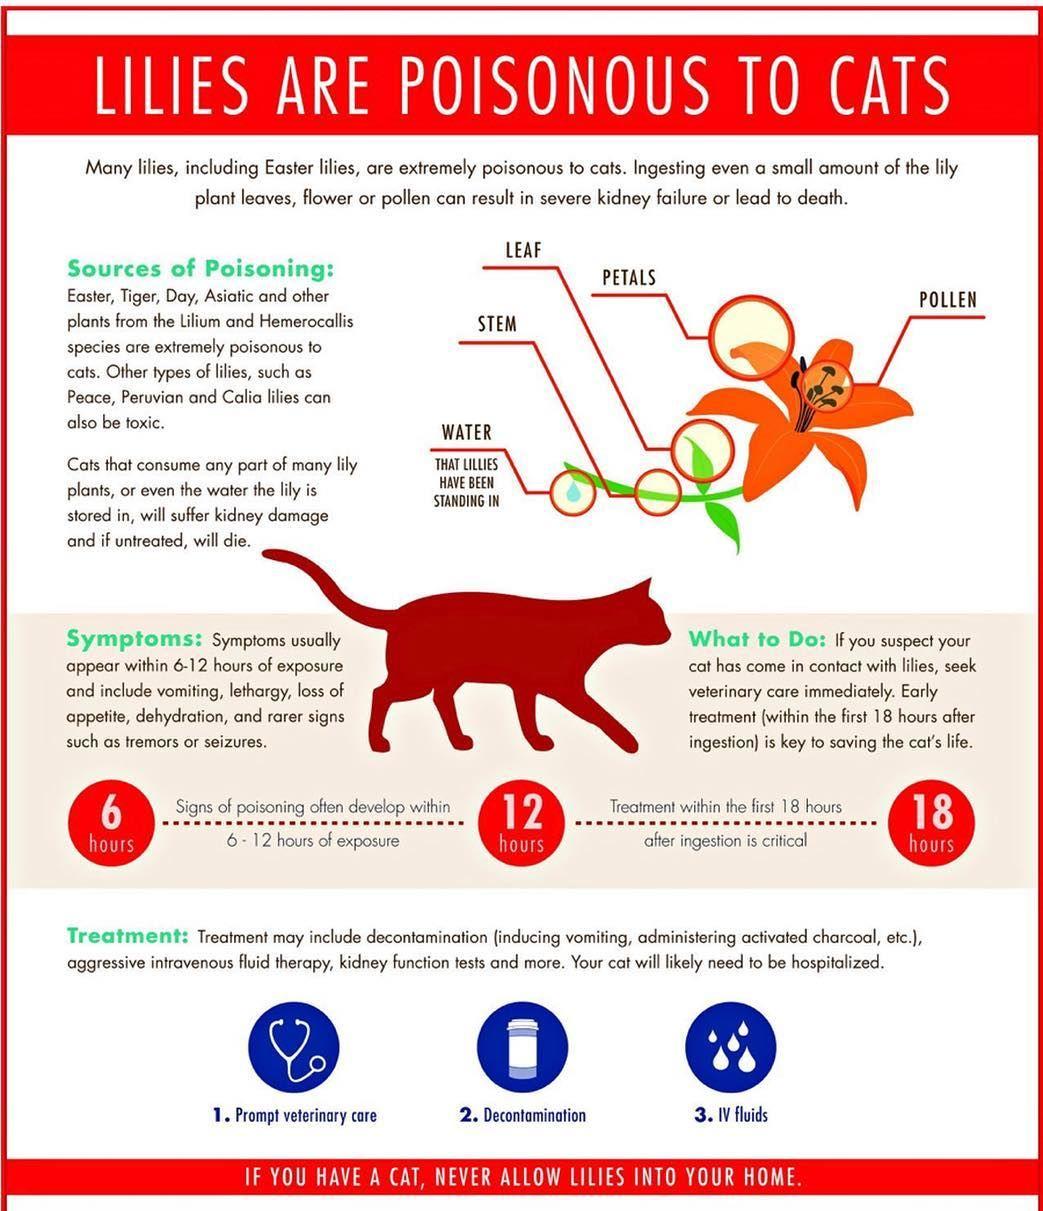 """Photo of Centro de atención de urgencia veterinaria en Instagram: """"¡Felices amigos Caturday VUCC! Aquí hay un anuncio de servicio público sobre los miembros de su familia felina: Lillies si no sabía que son tóxicos para los gatos. No solo un …"""